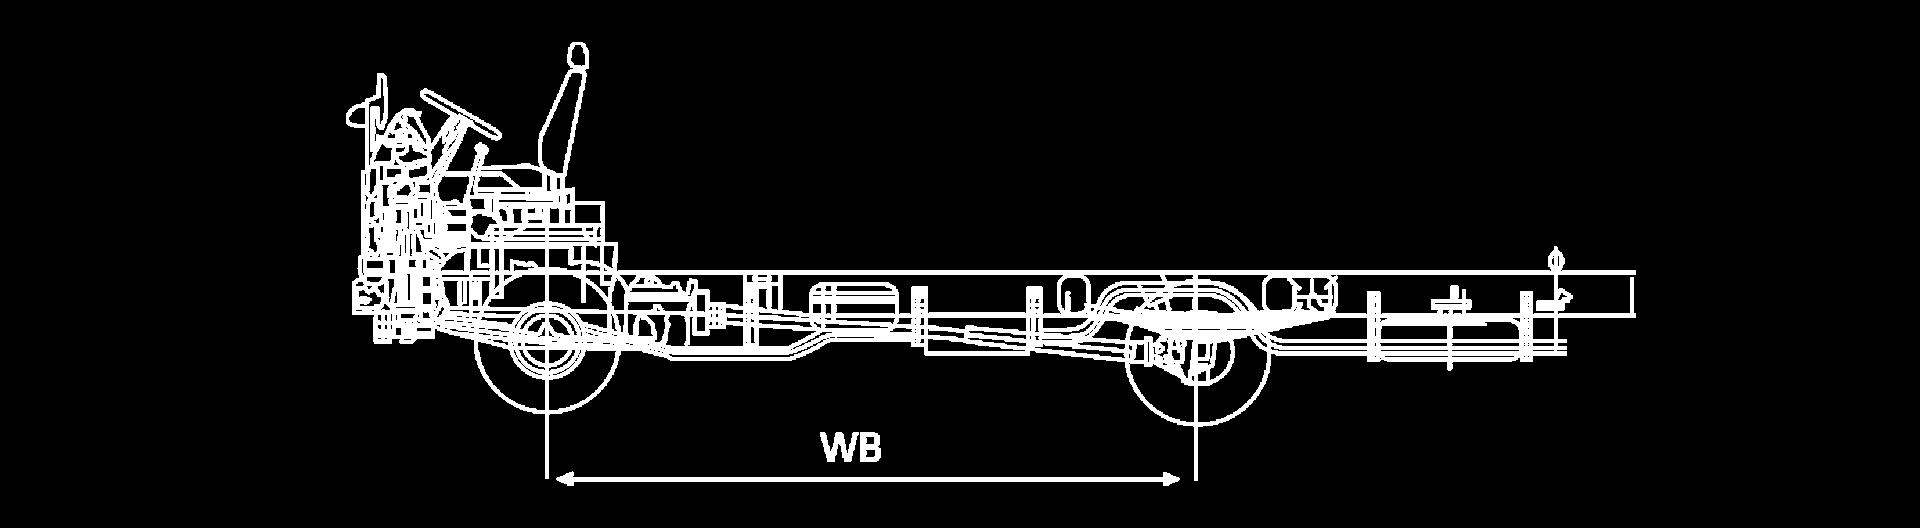 render wb camion de carga